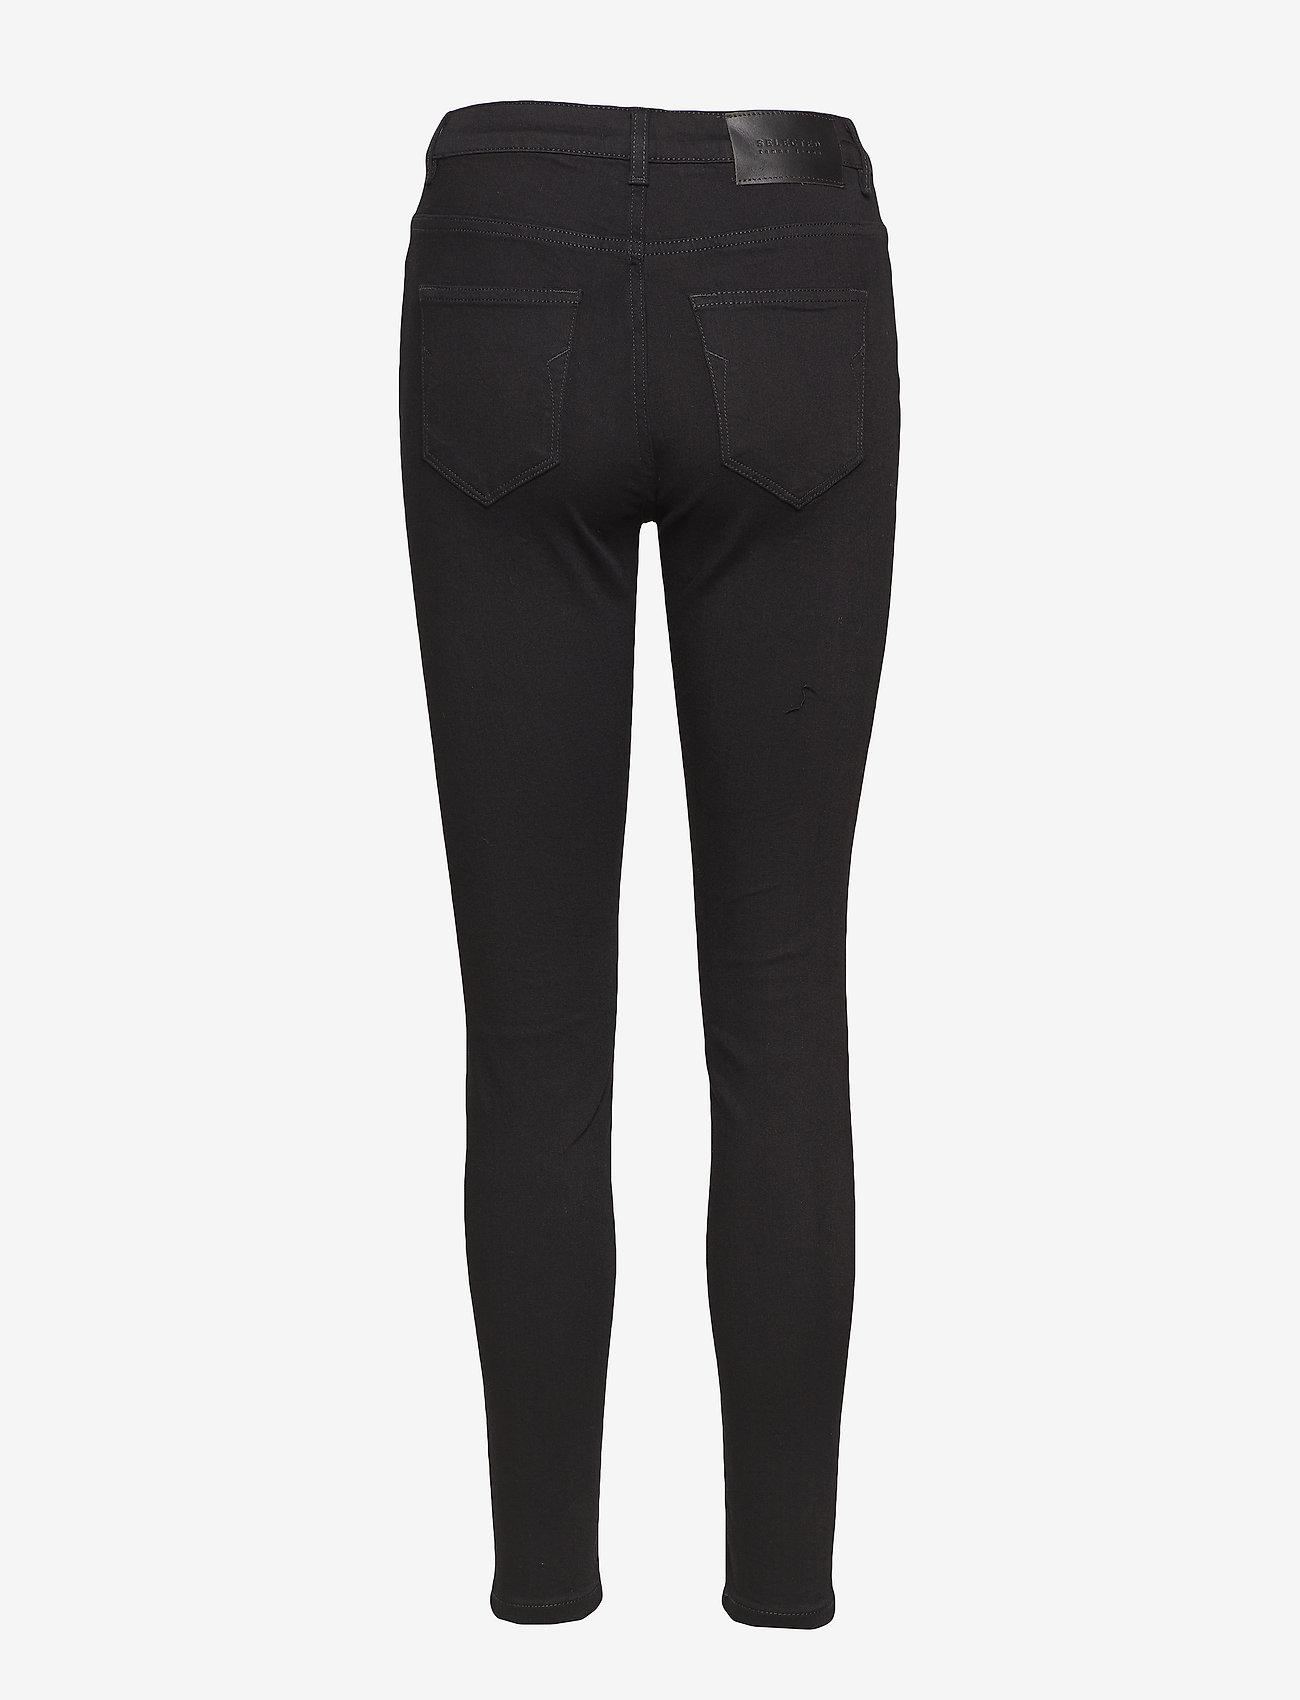 Selected Femme - SLFMAGGIE HW SKINNY BLACK JEANS W NOOS - broeken med skinny fit - black denim - 1